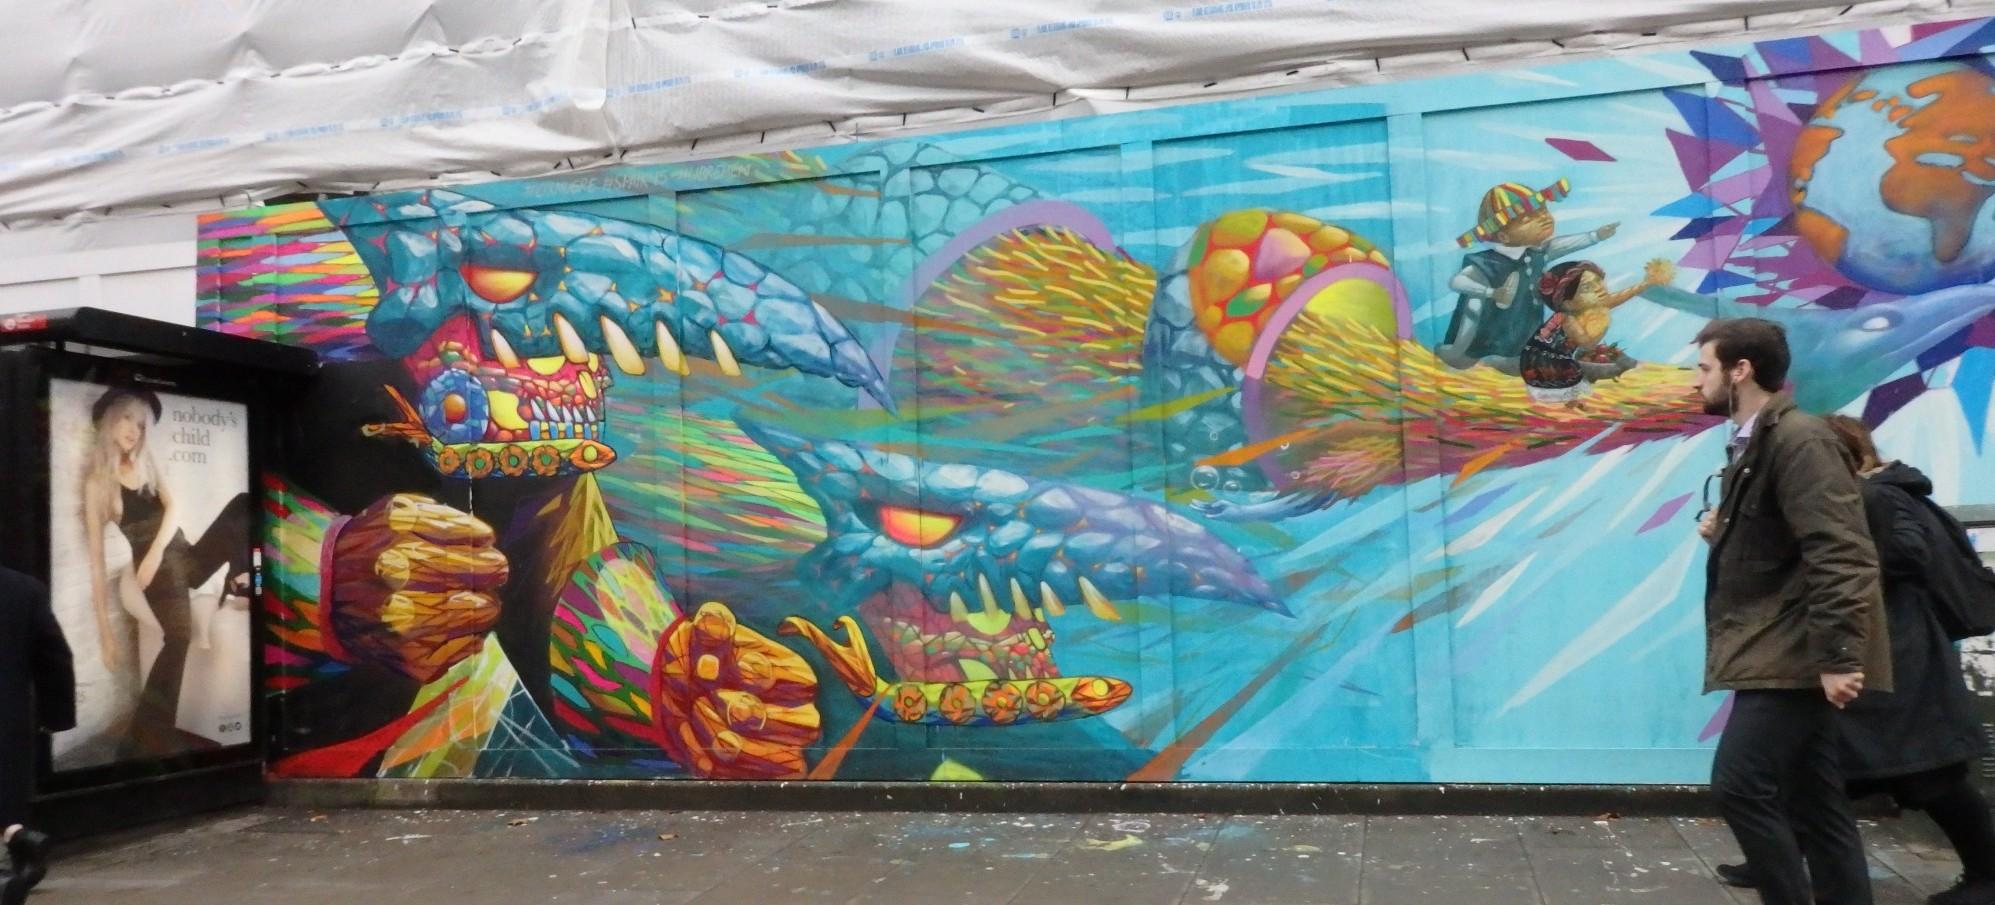 street art in Shoreditch, London